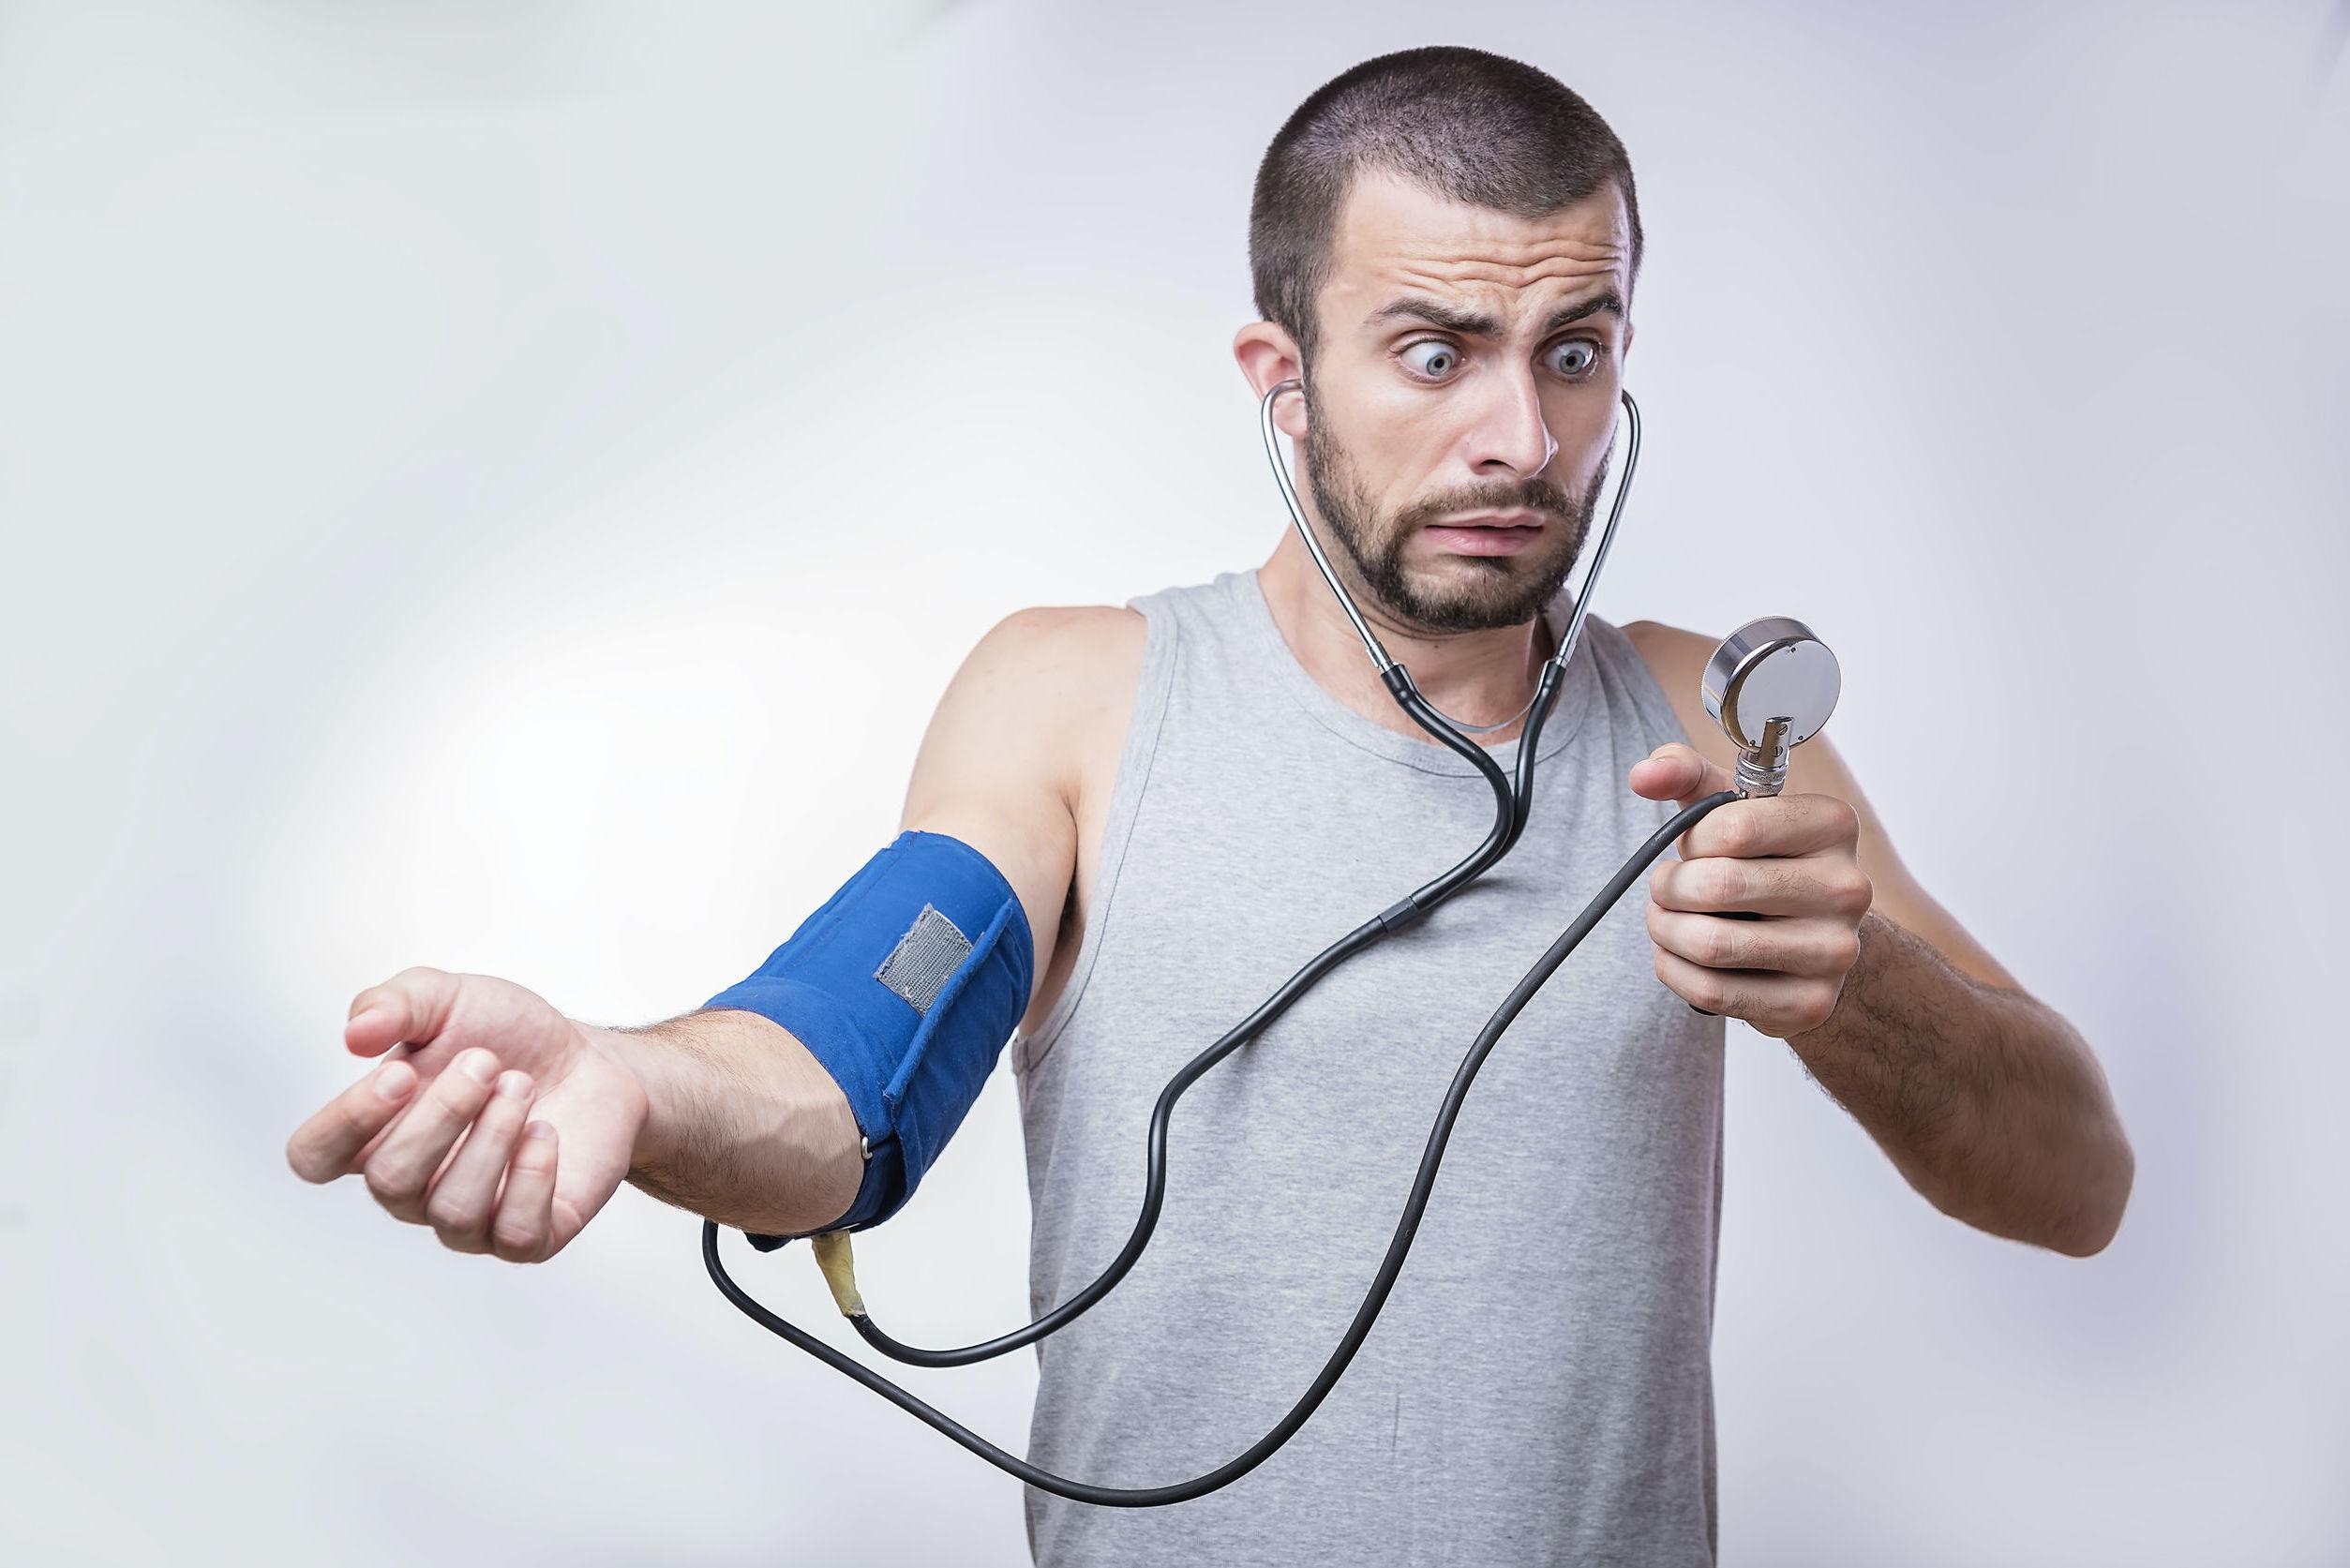 magas vérnyomásból importált gyógyszerek magas vérnyomás kezelés-gyógyszeres kezelés